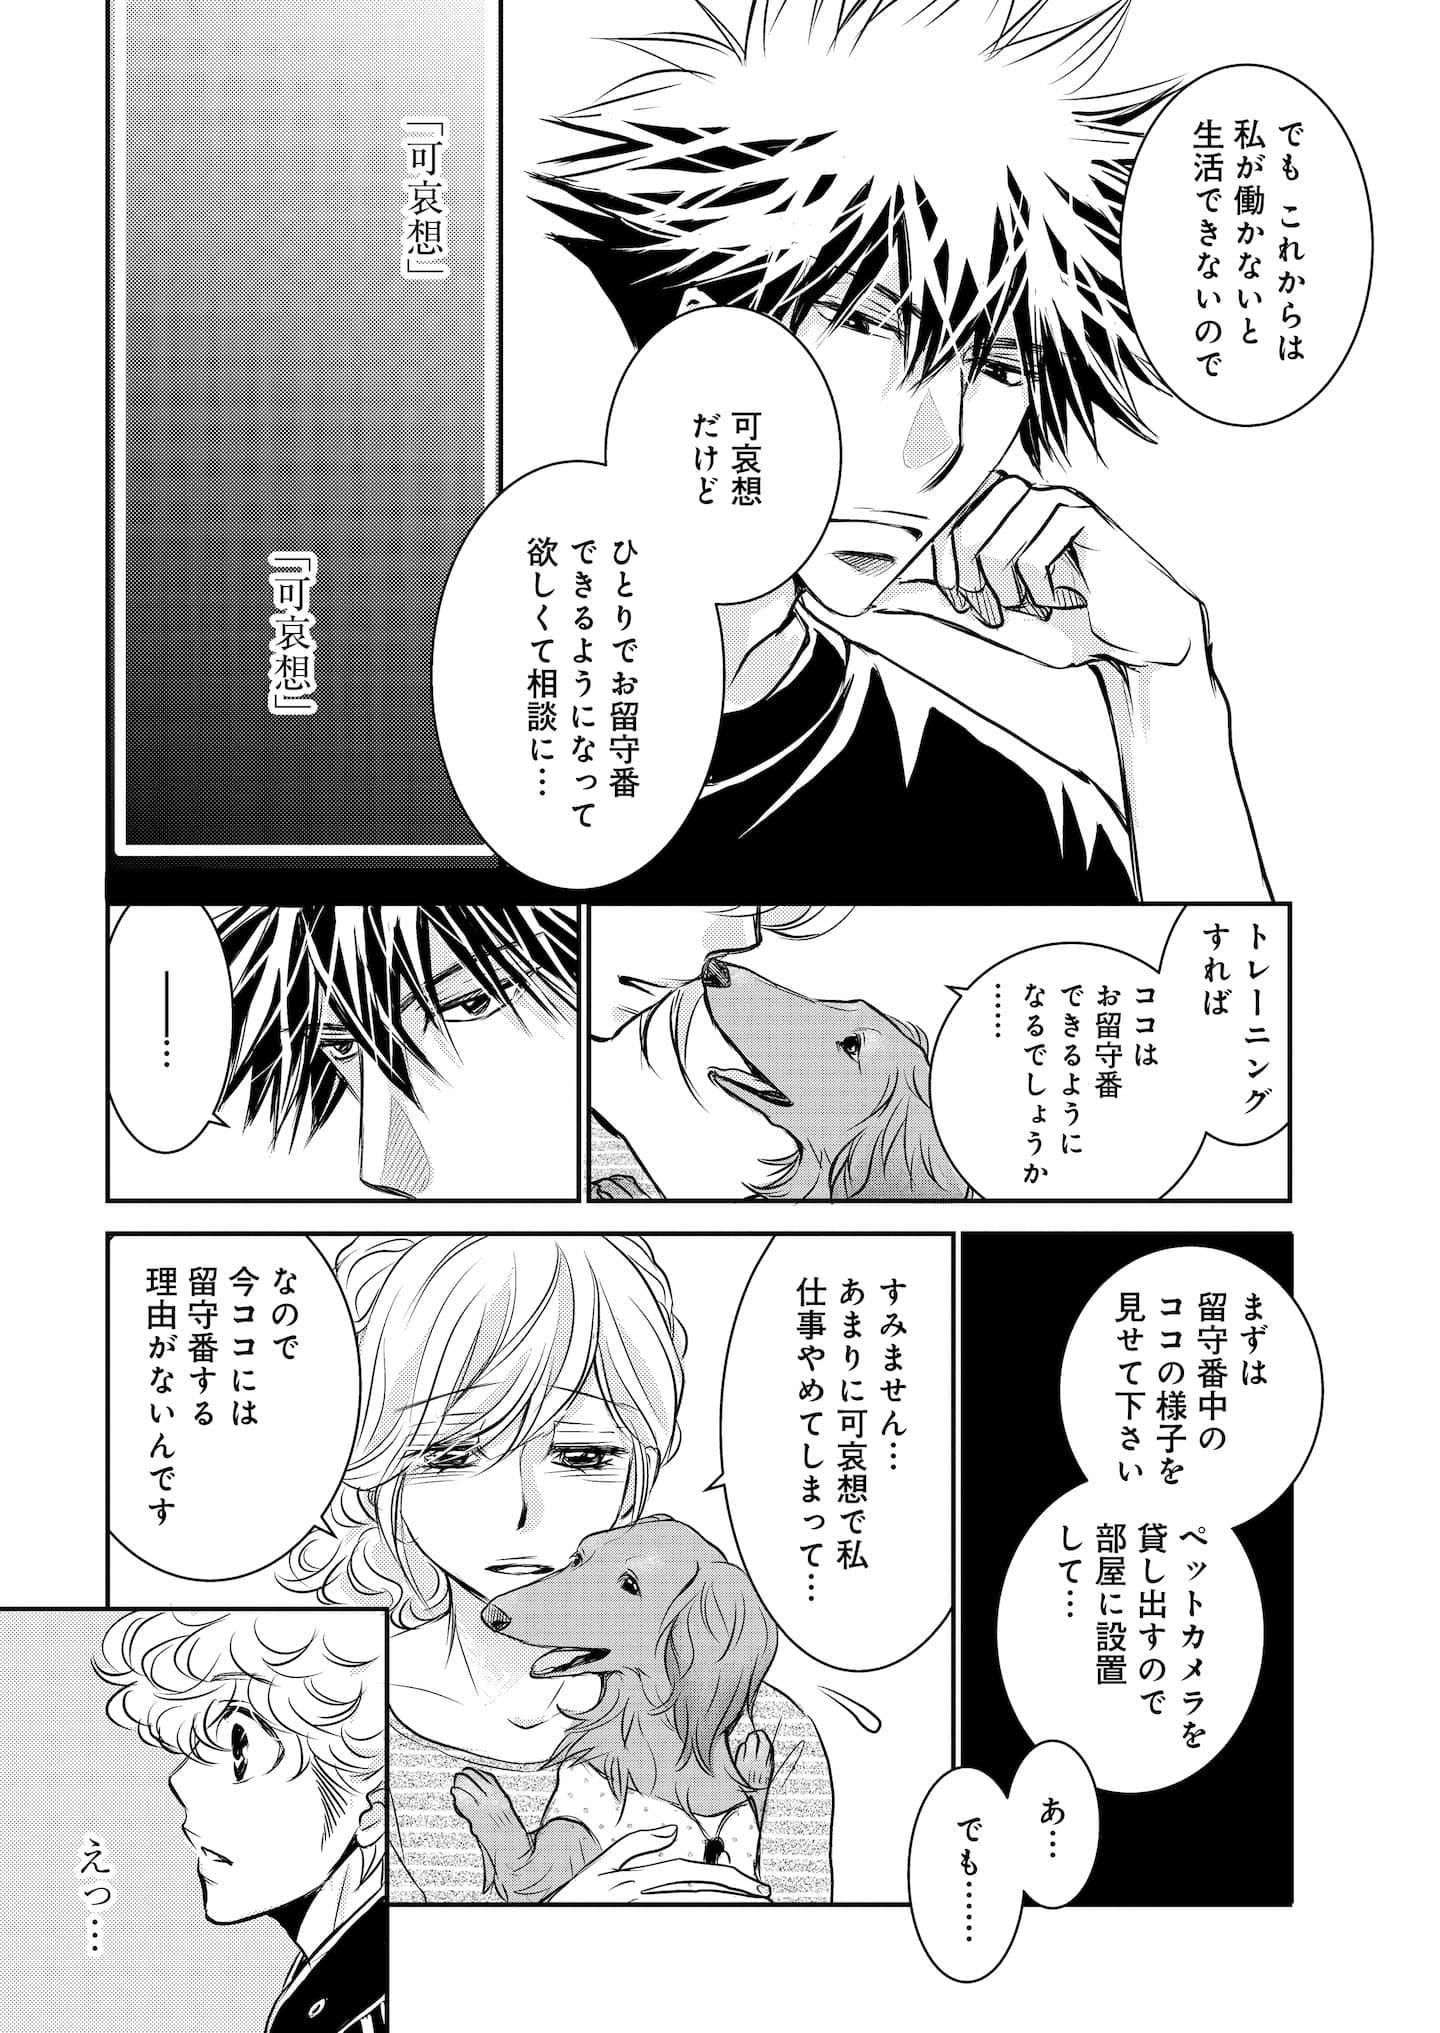 『DOG SIGNAL』7話目① 7ページ目